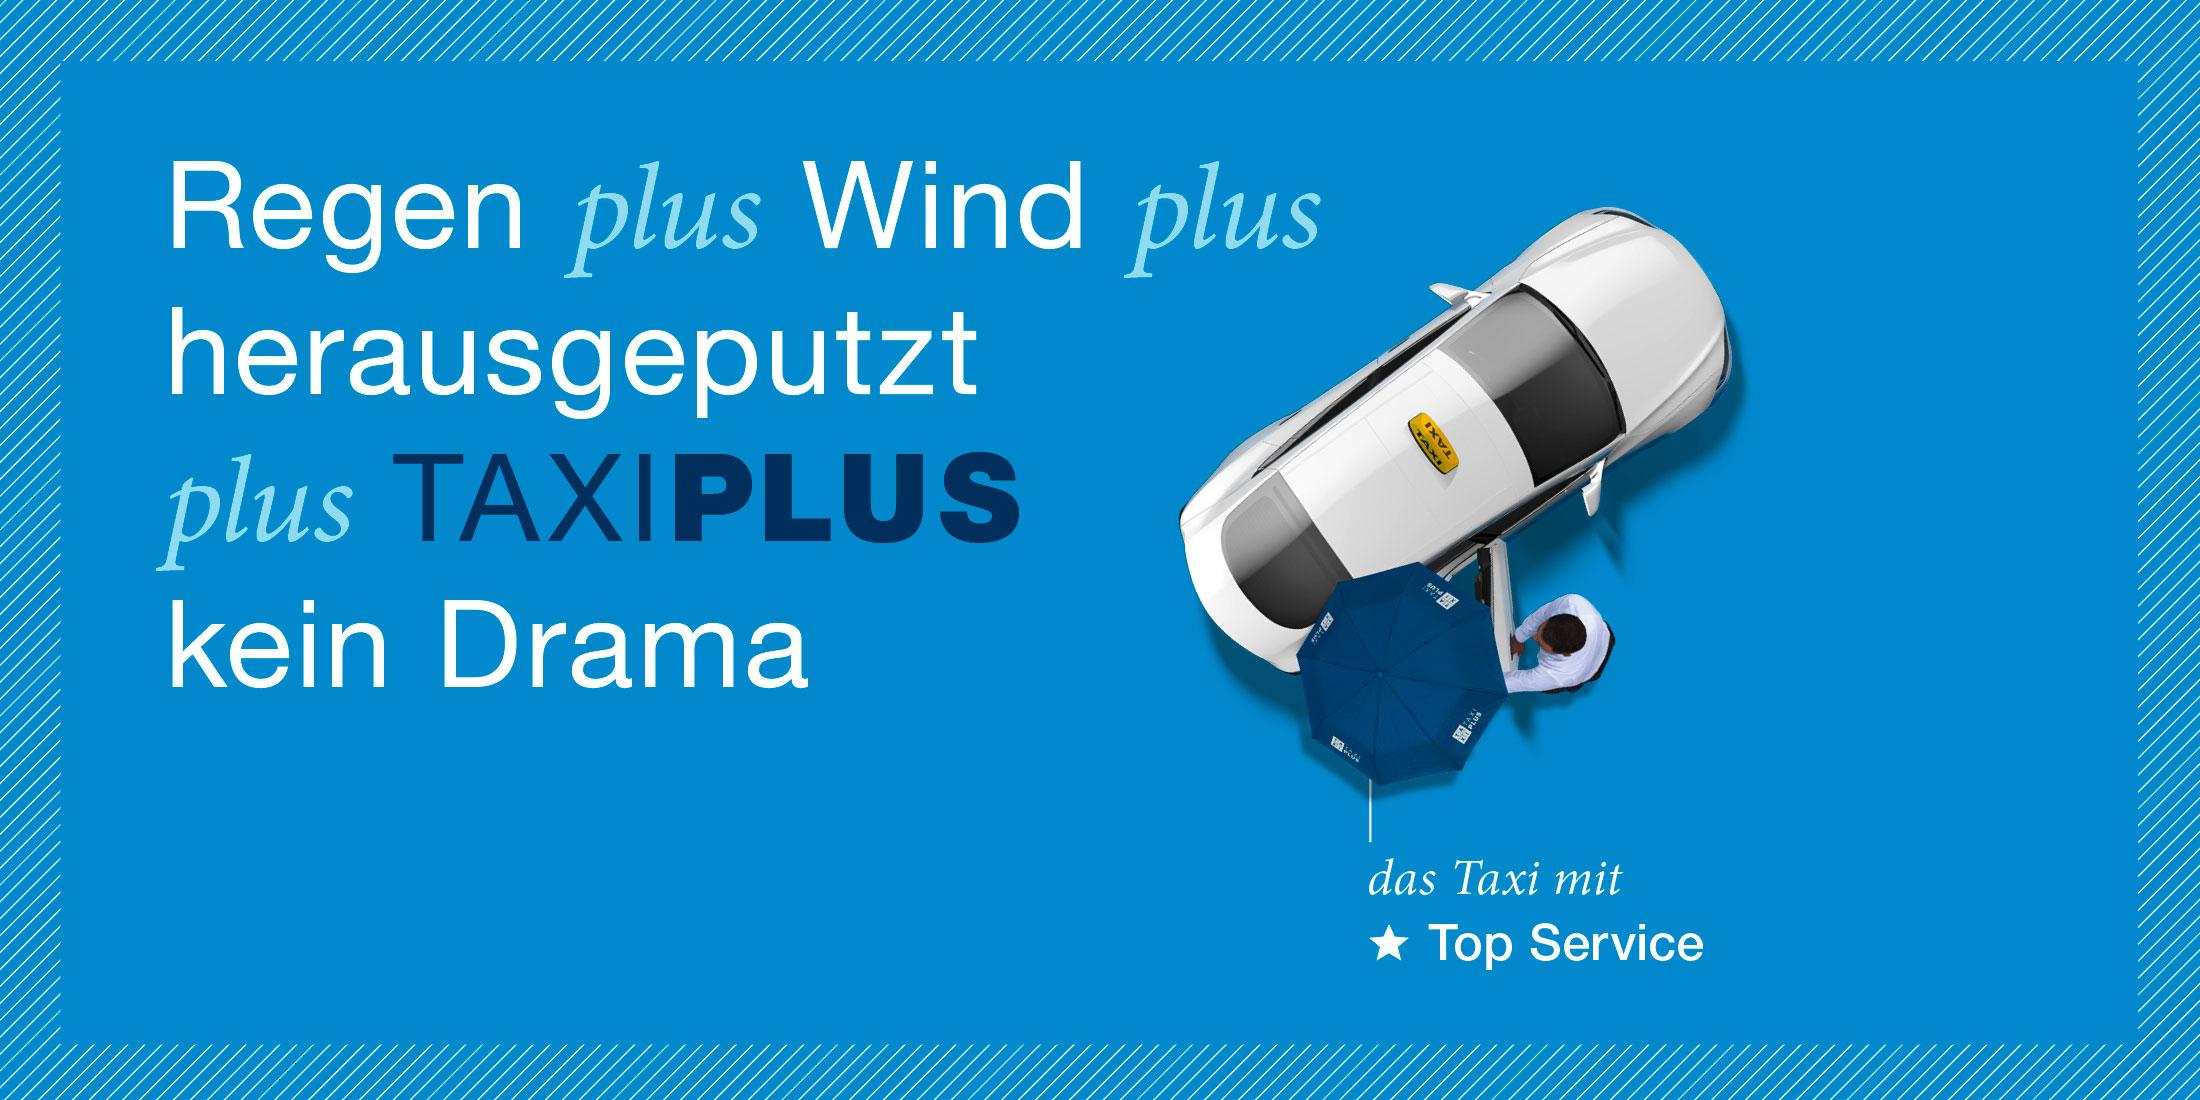 Es ist ein Werbesujet von TaxiPlus zu sehen. Die Headline lautet Regen plus Wind plus herausgeputzt plus TAXIPLUS kein Drama. Zu sehen ist ein TaxiPlus aus der Vogelperspektive. Ein Lenker hält die Hintertür auf während er einen Schirm trägt. Ein Pfeil zeigt auf das Fahrzeug mit der Nachricht